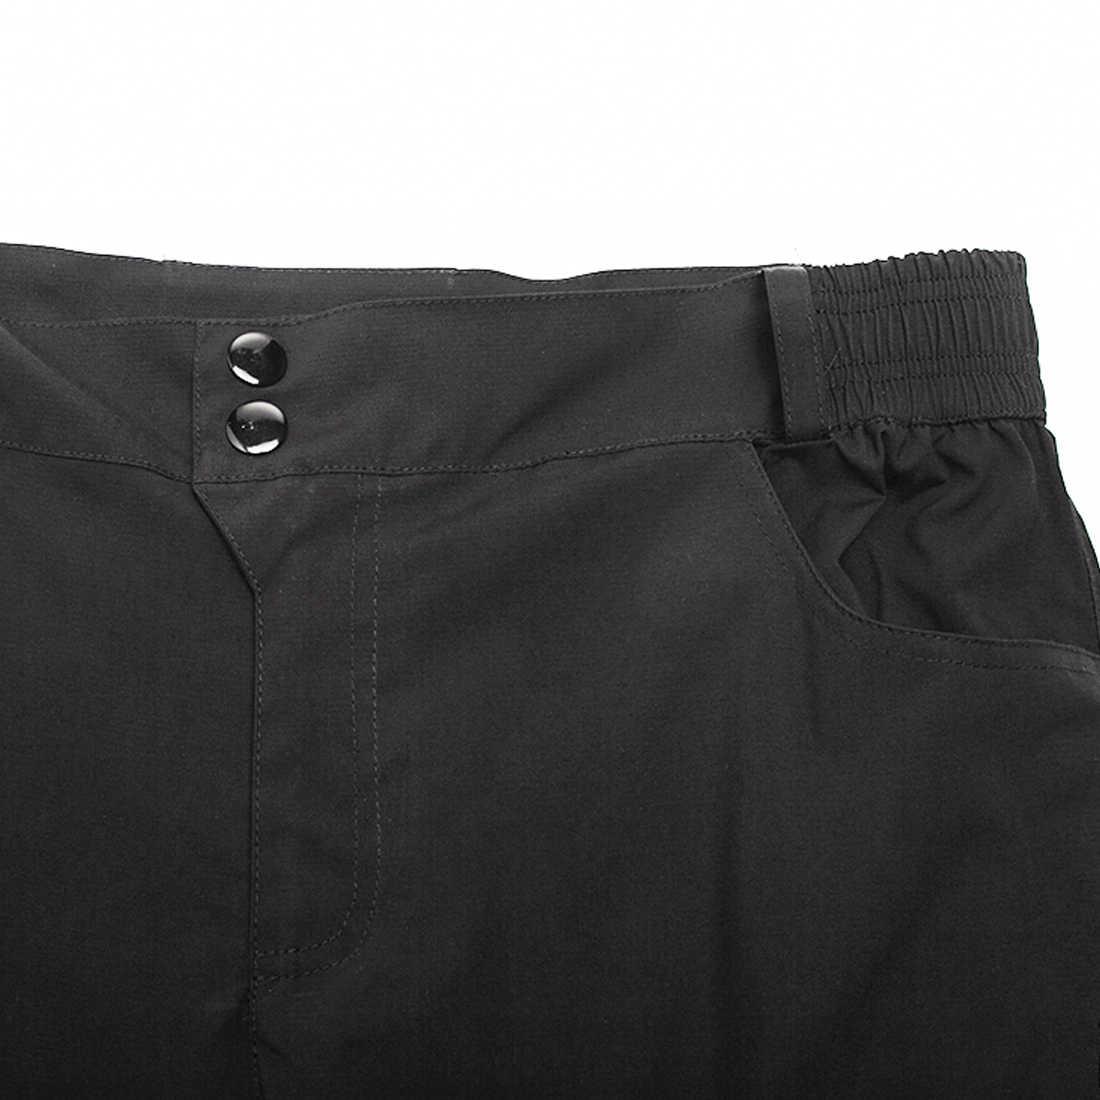 Pantalones cortos de ciclismo acolchados de GEL para hombres pantalones cortos de ciclismo de montaña de carretera de Jersey ropa interior de bicicleta de ciclismo a prueba de golpes pantalones cortos de Mtb